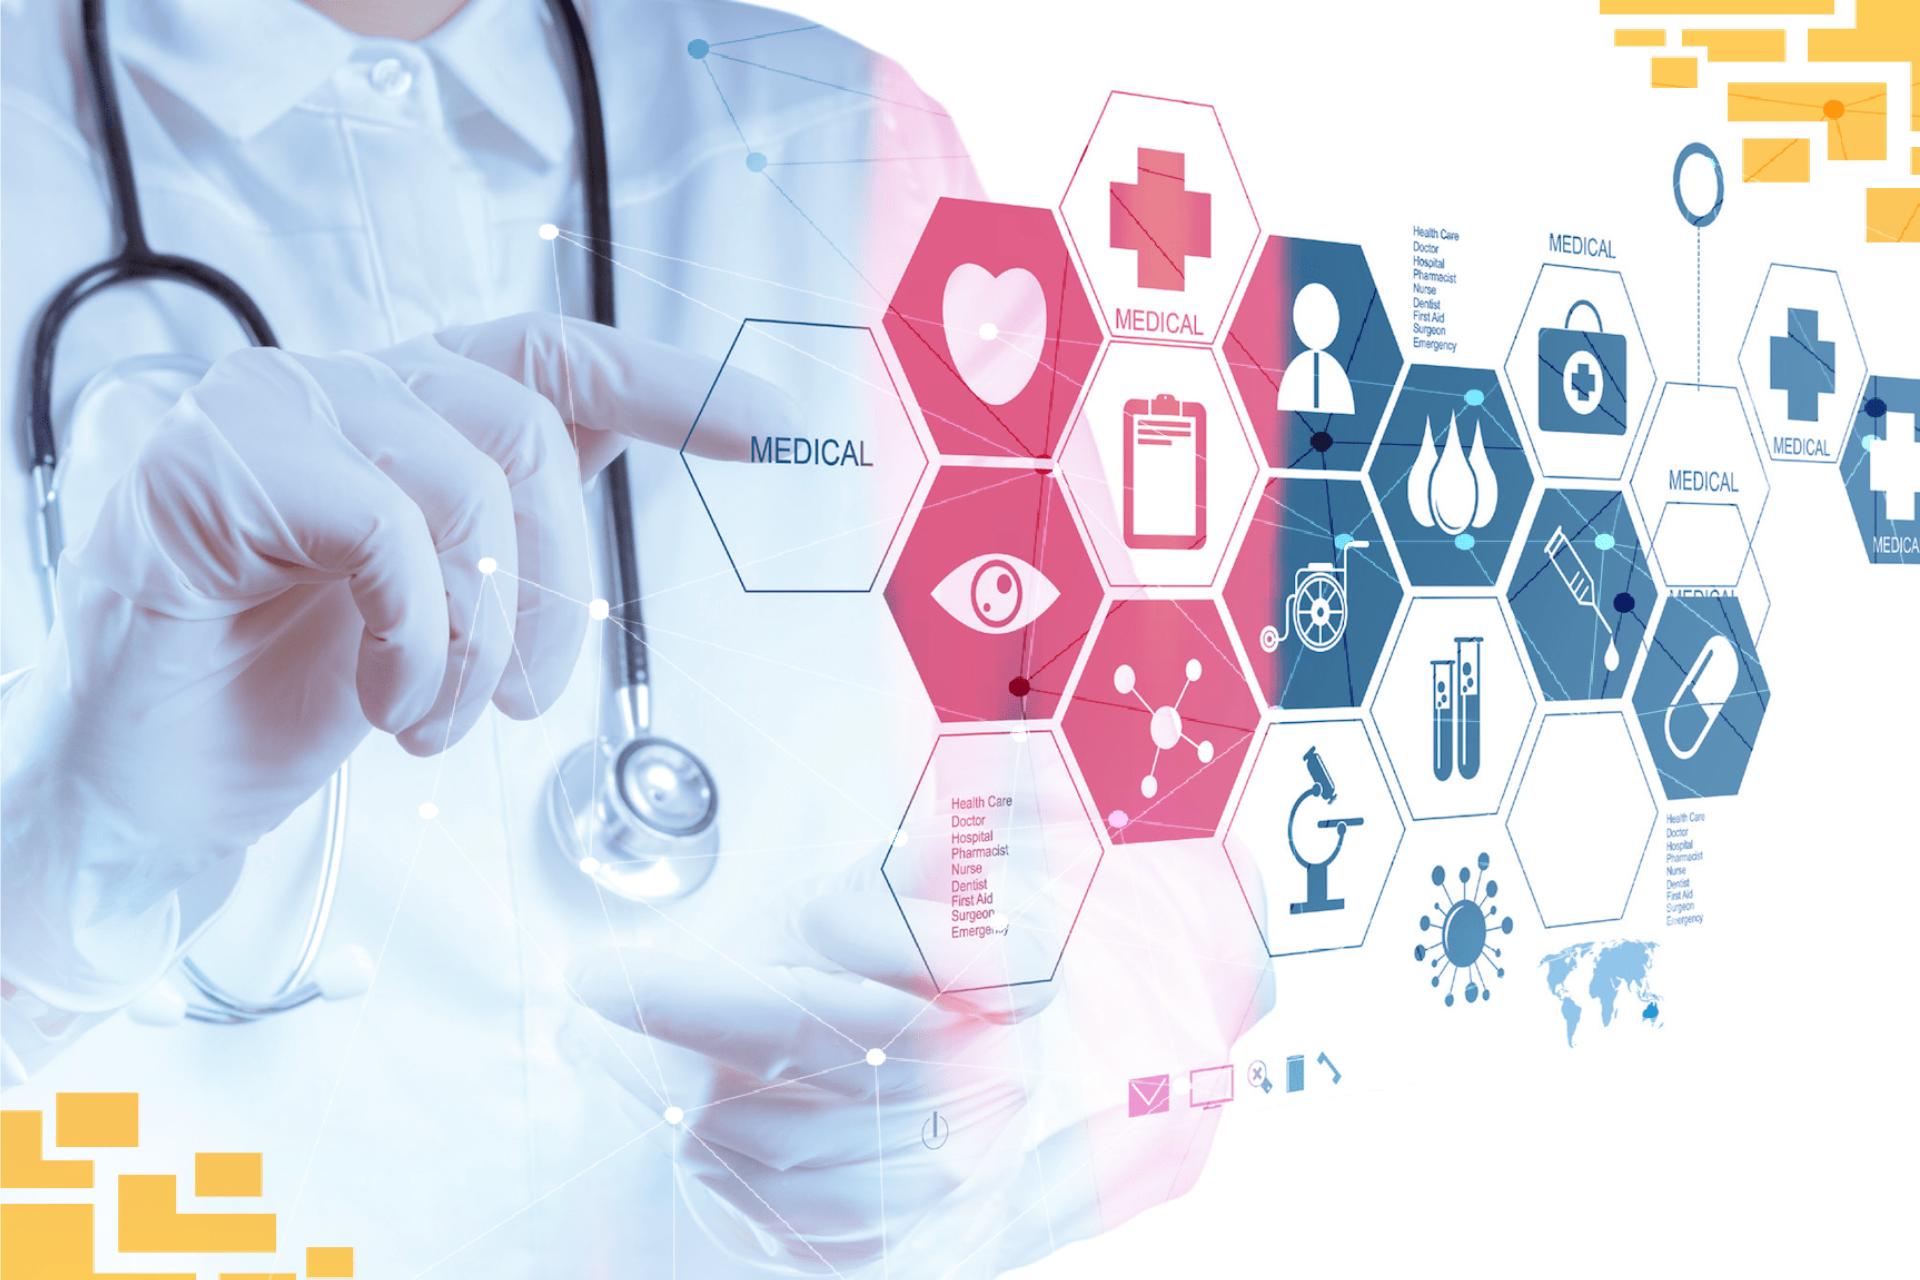 Verso un ospedale sempre più digitale